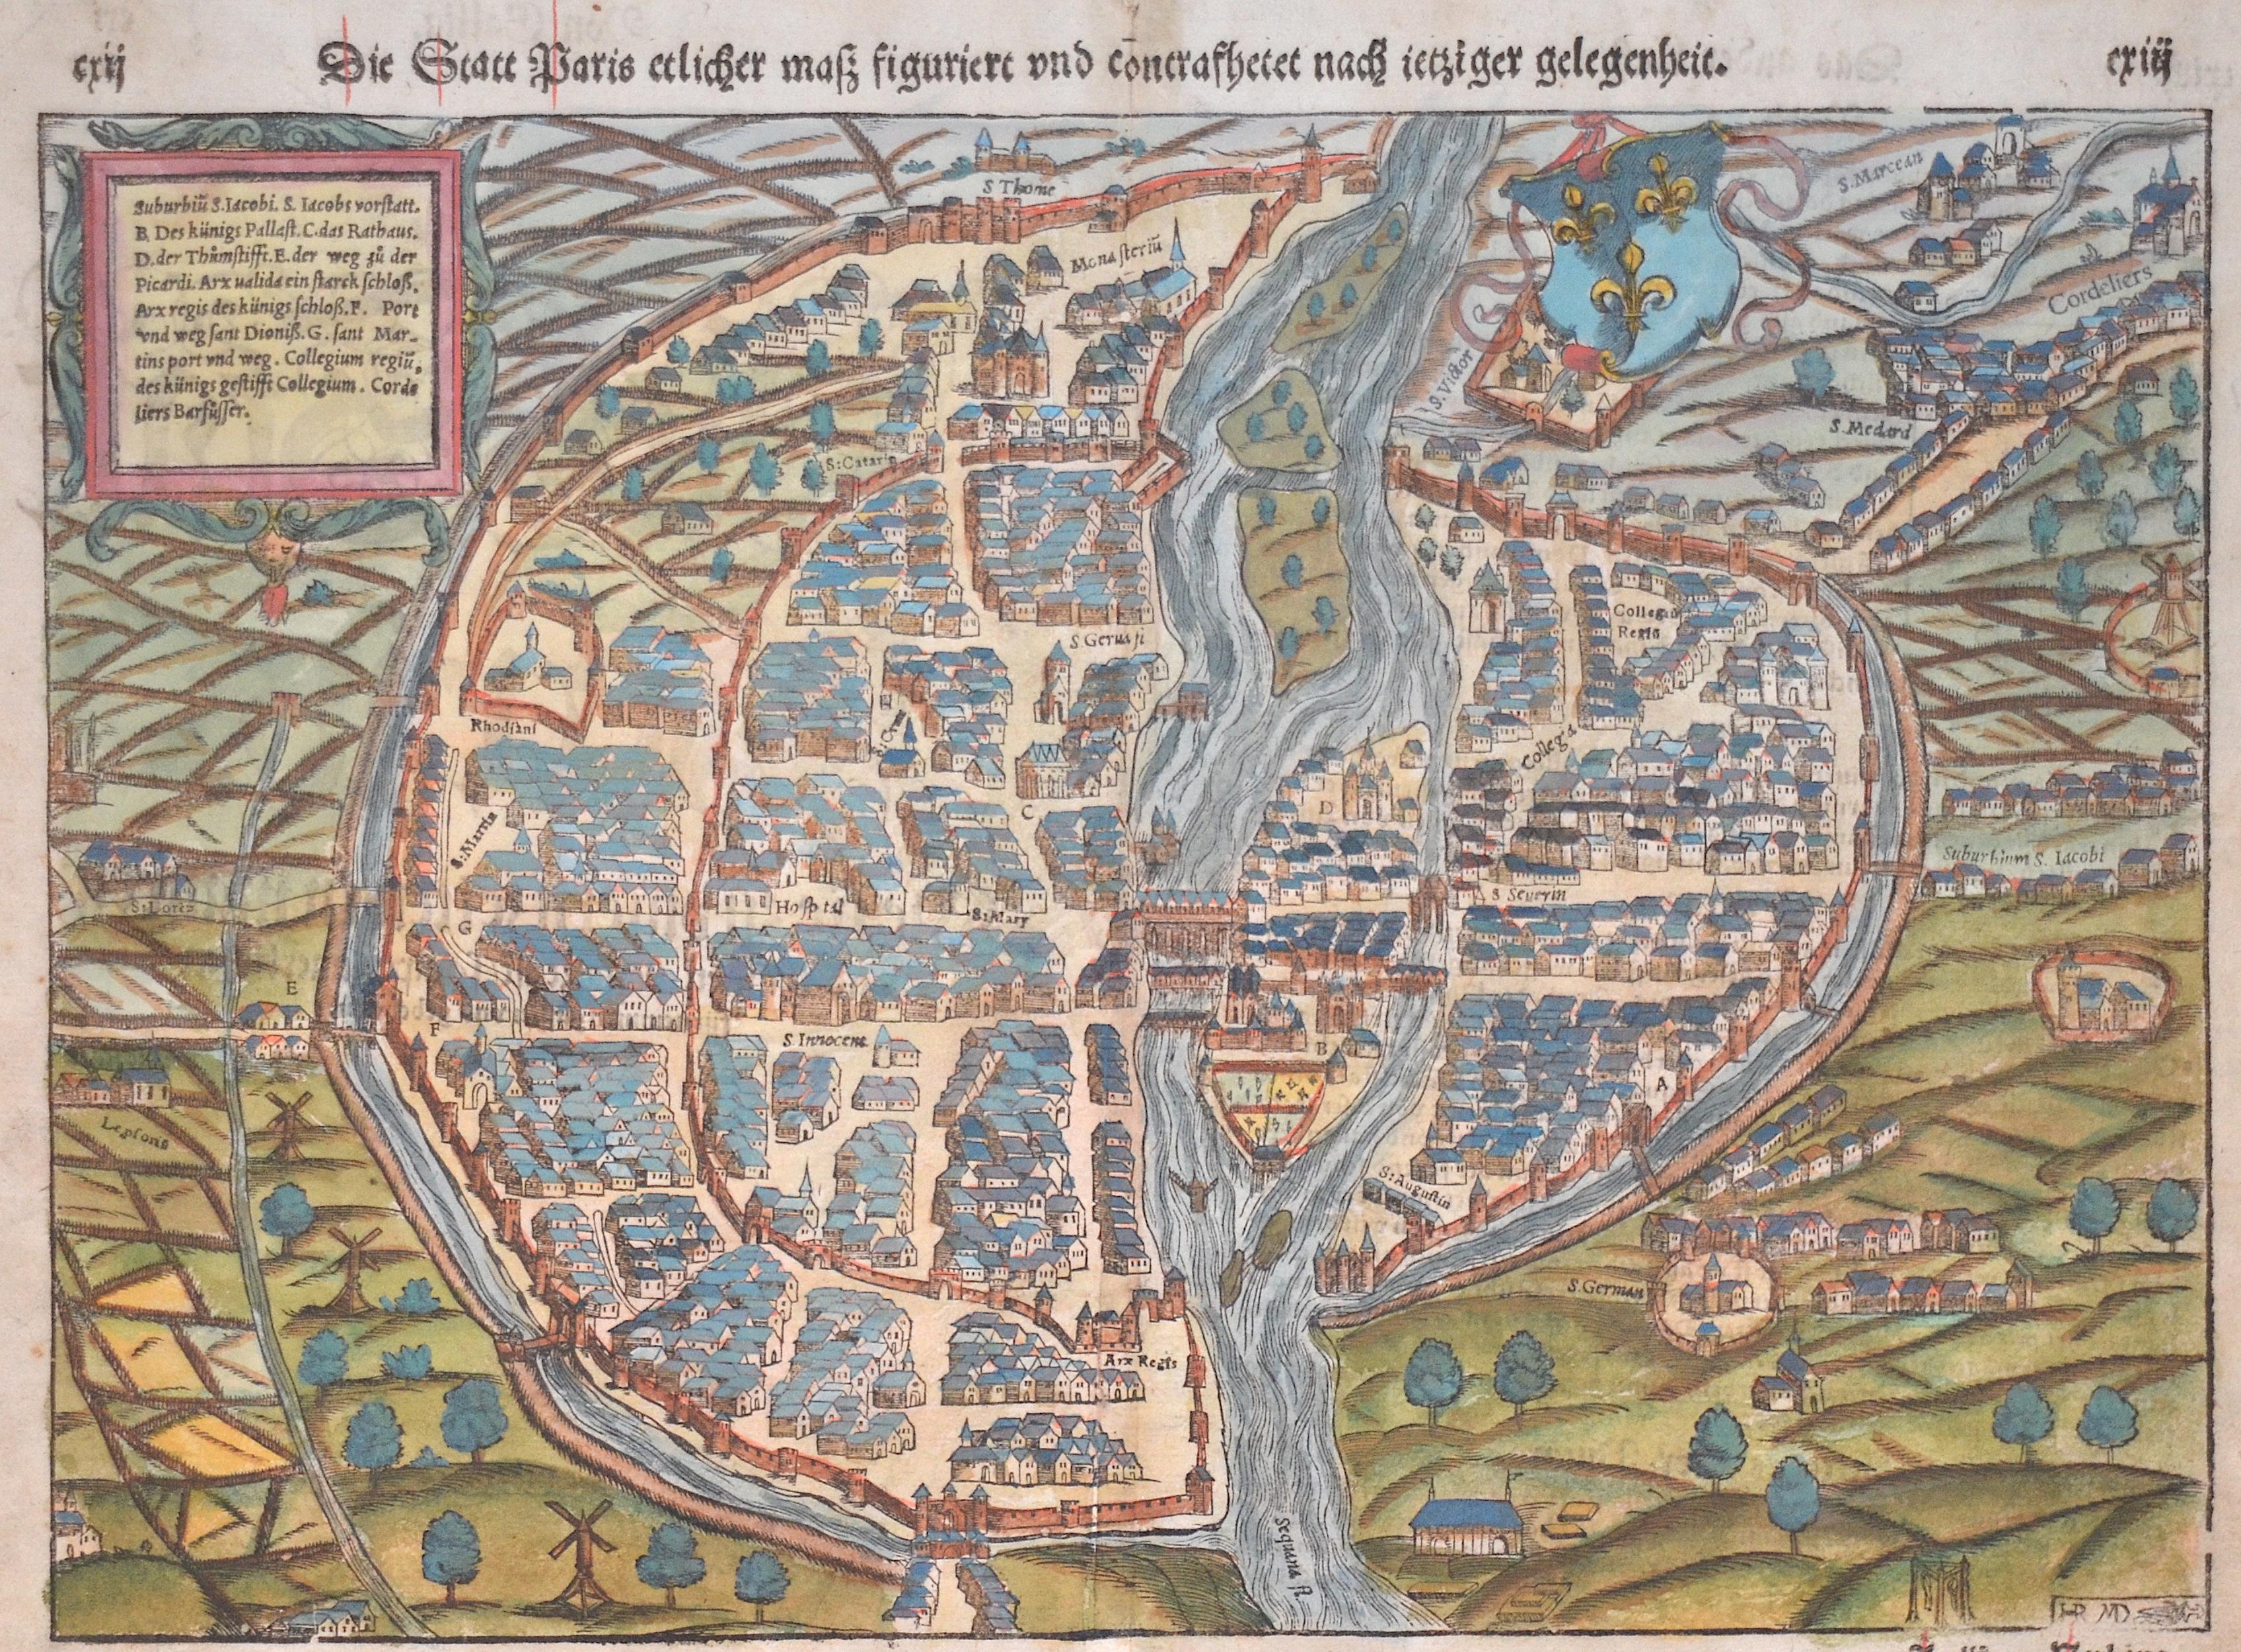 Münster Sebastian Lutetia Parisiorum urbs, Toto Orbe Celeberrima Nossimaque Caput regni Franciae